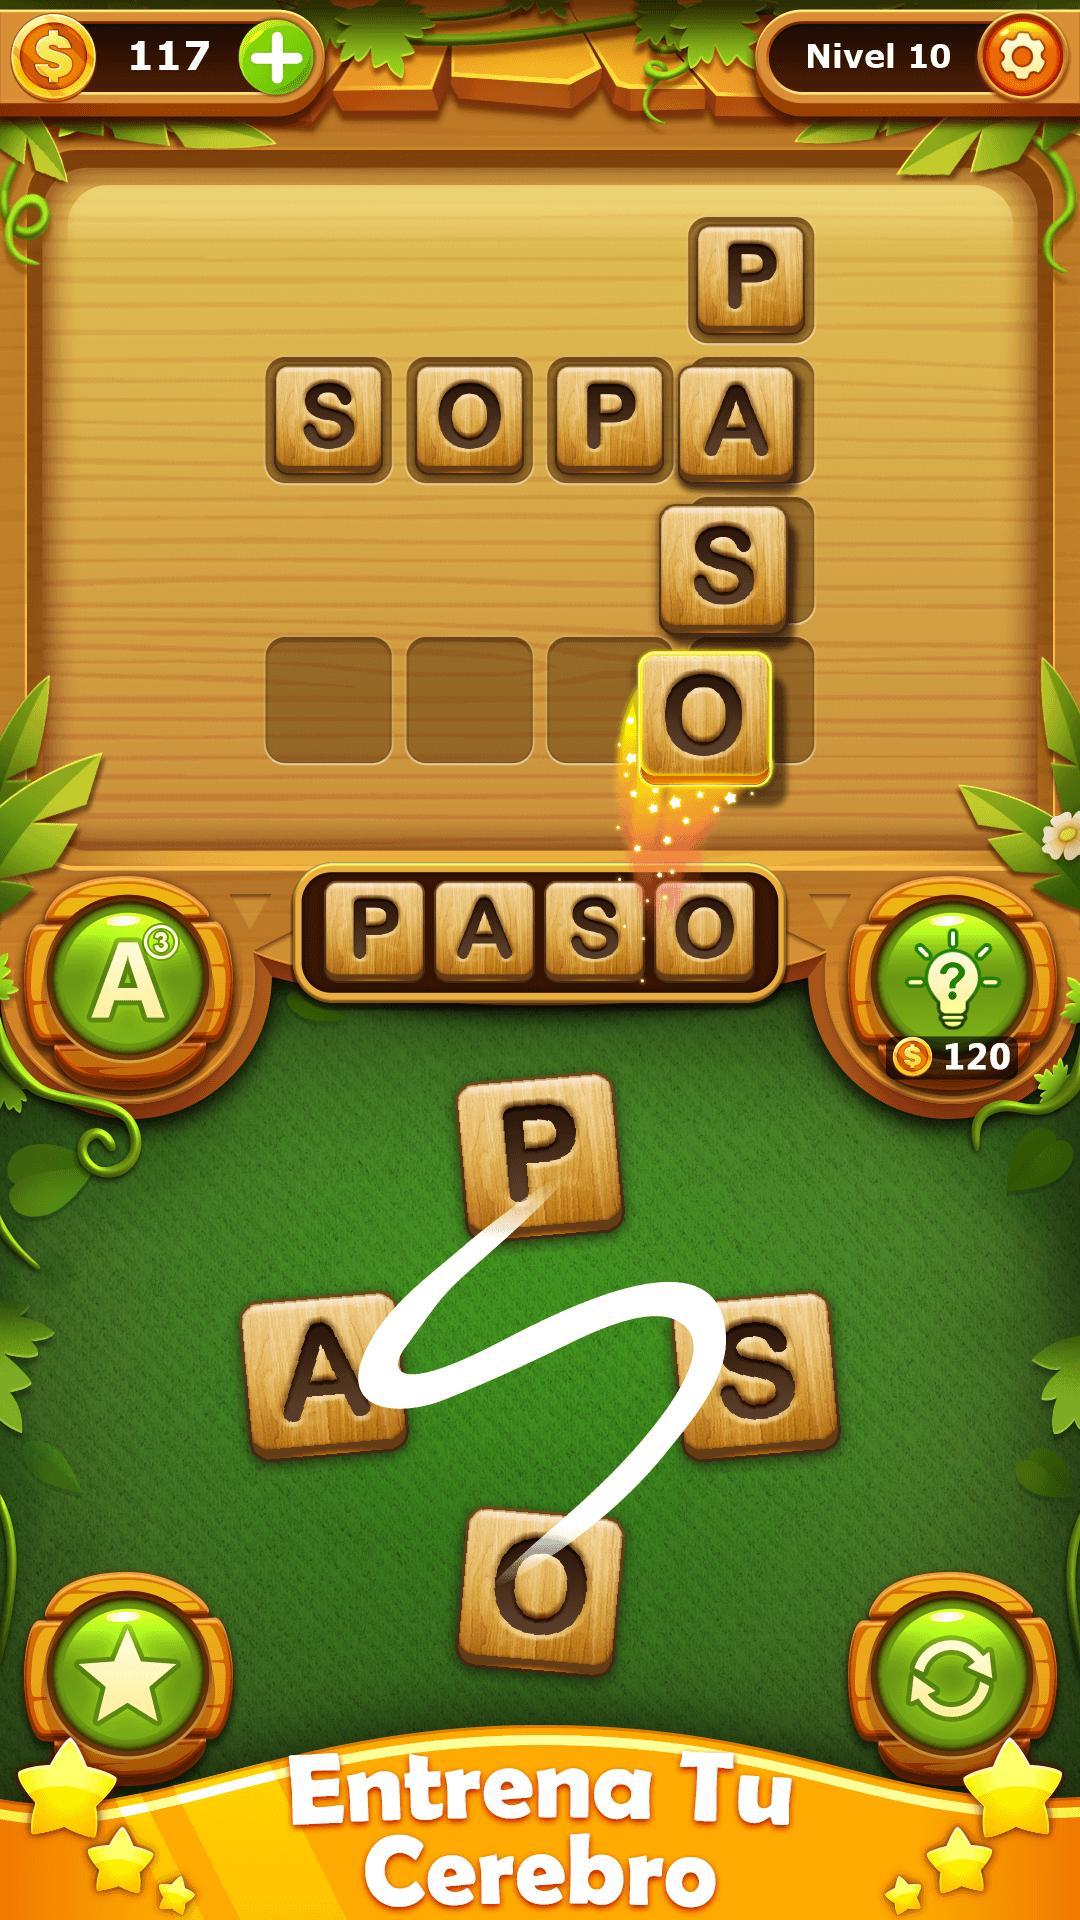 Palabras Cruzadas Juegos De Palabras For Android Apk Download